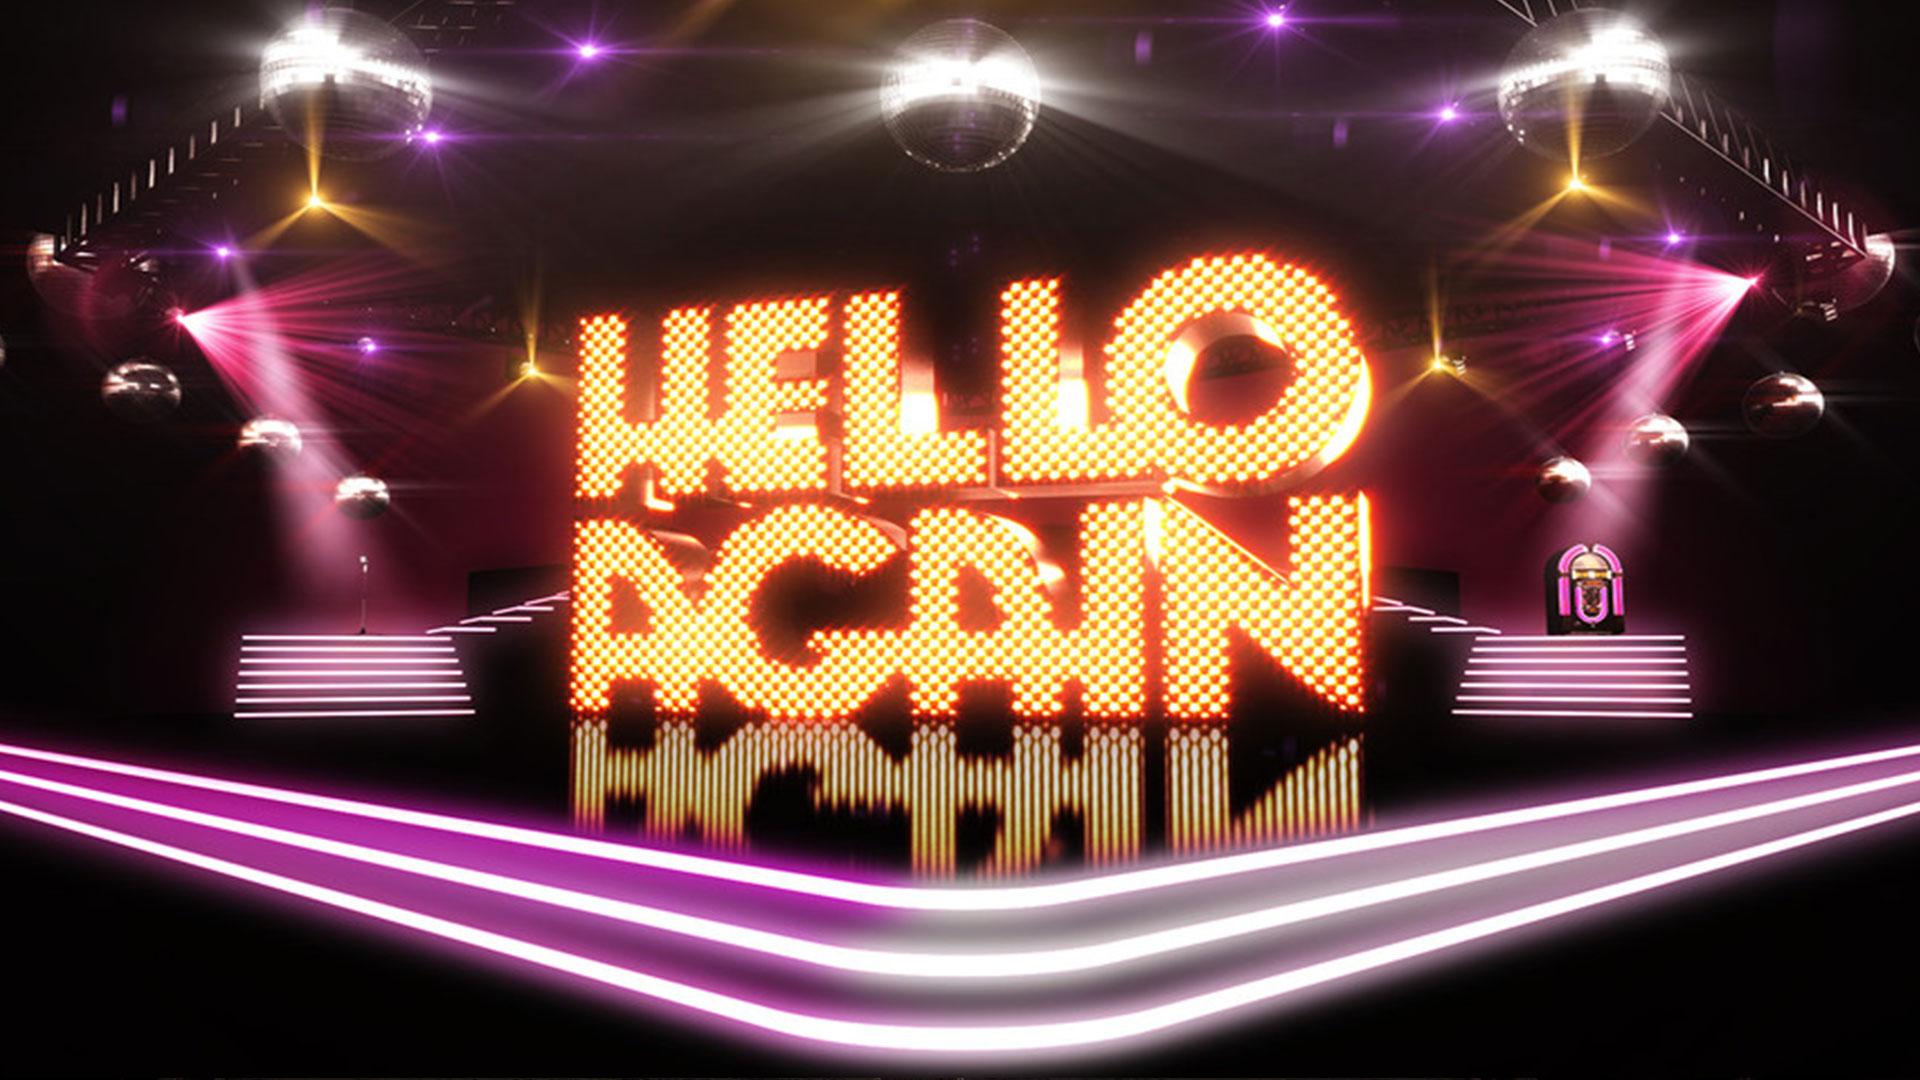 helloagain14